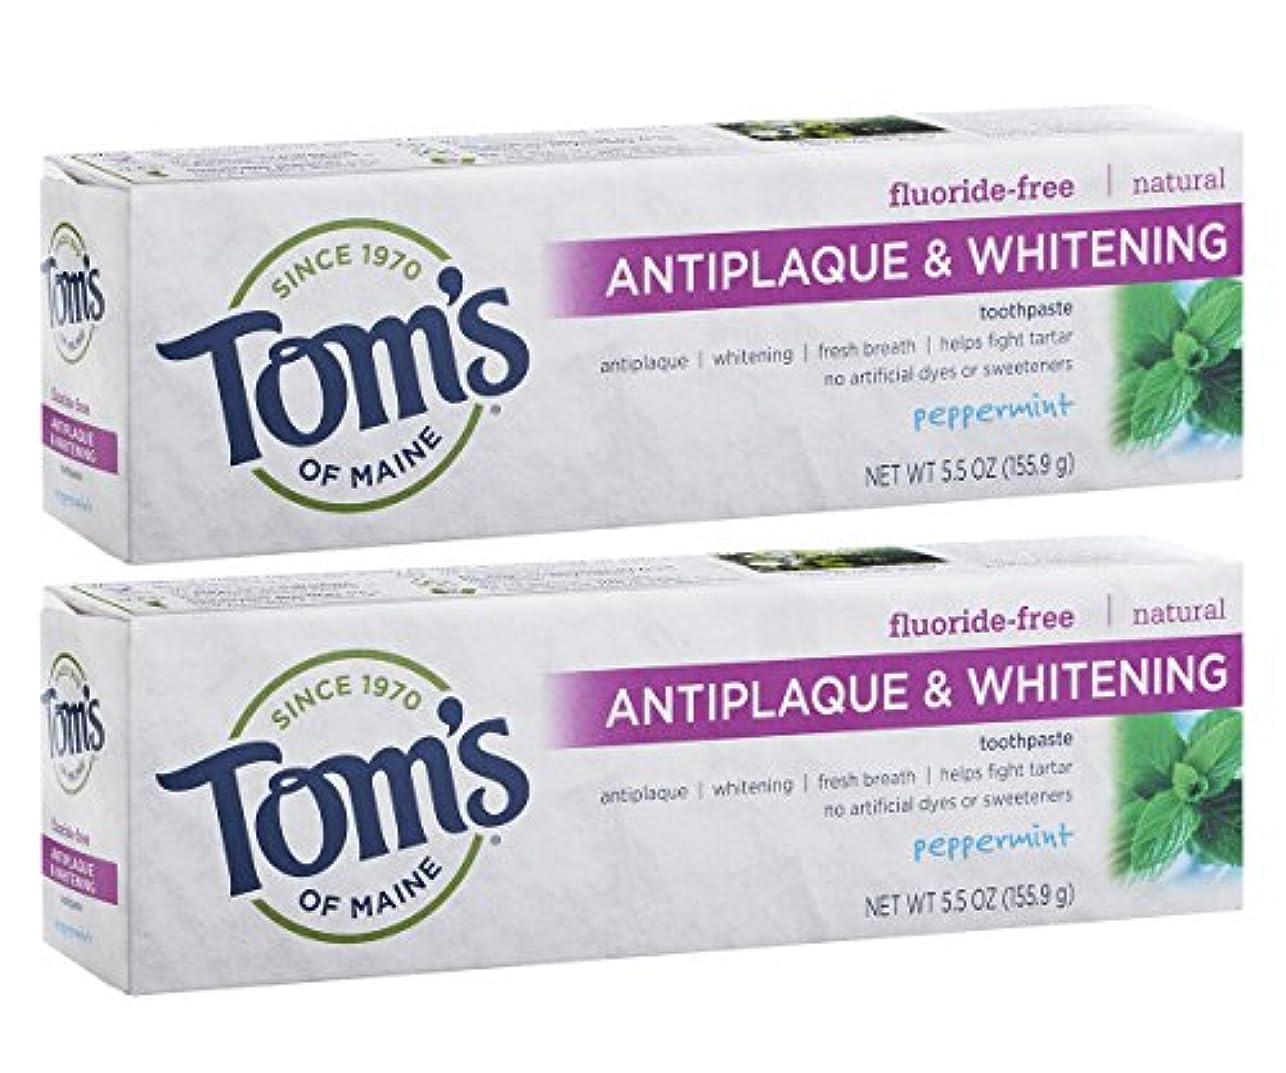 厚くする驚かす千Tom's of Maine Antiplaque And Whitening Fluoride-Free Toothpaste, Peppermint, 5.5-Ounce by Tom's of Maine